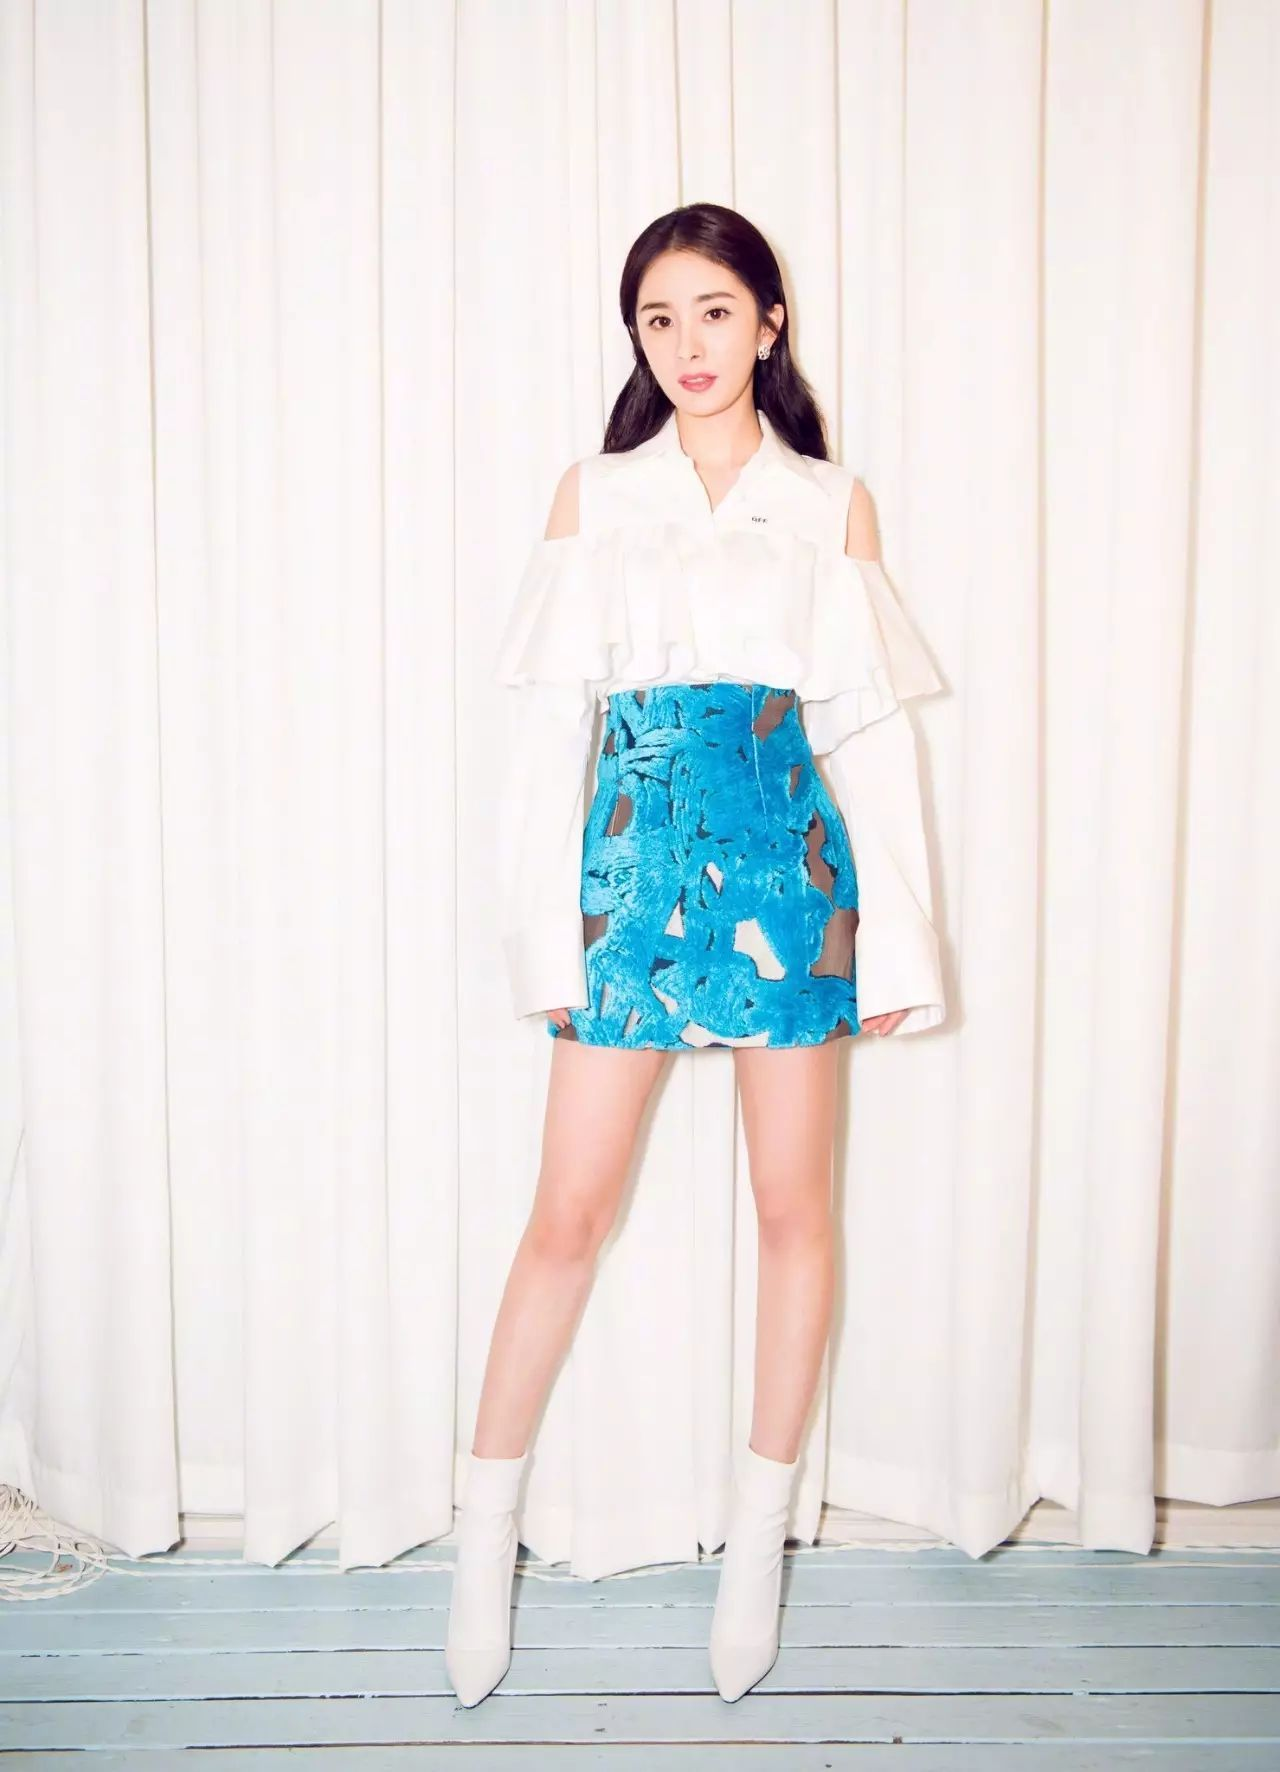 Nổi tiếng mặc đẹp nhưng Dương Mịch cũng từng có vô số pha mặc lỗi chẳng muốn nhìn lại như thế này - Ảnh 1.